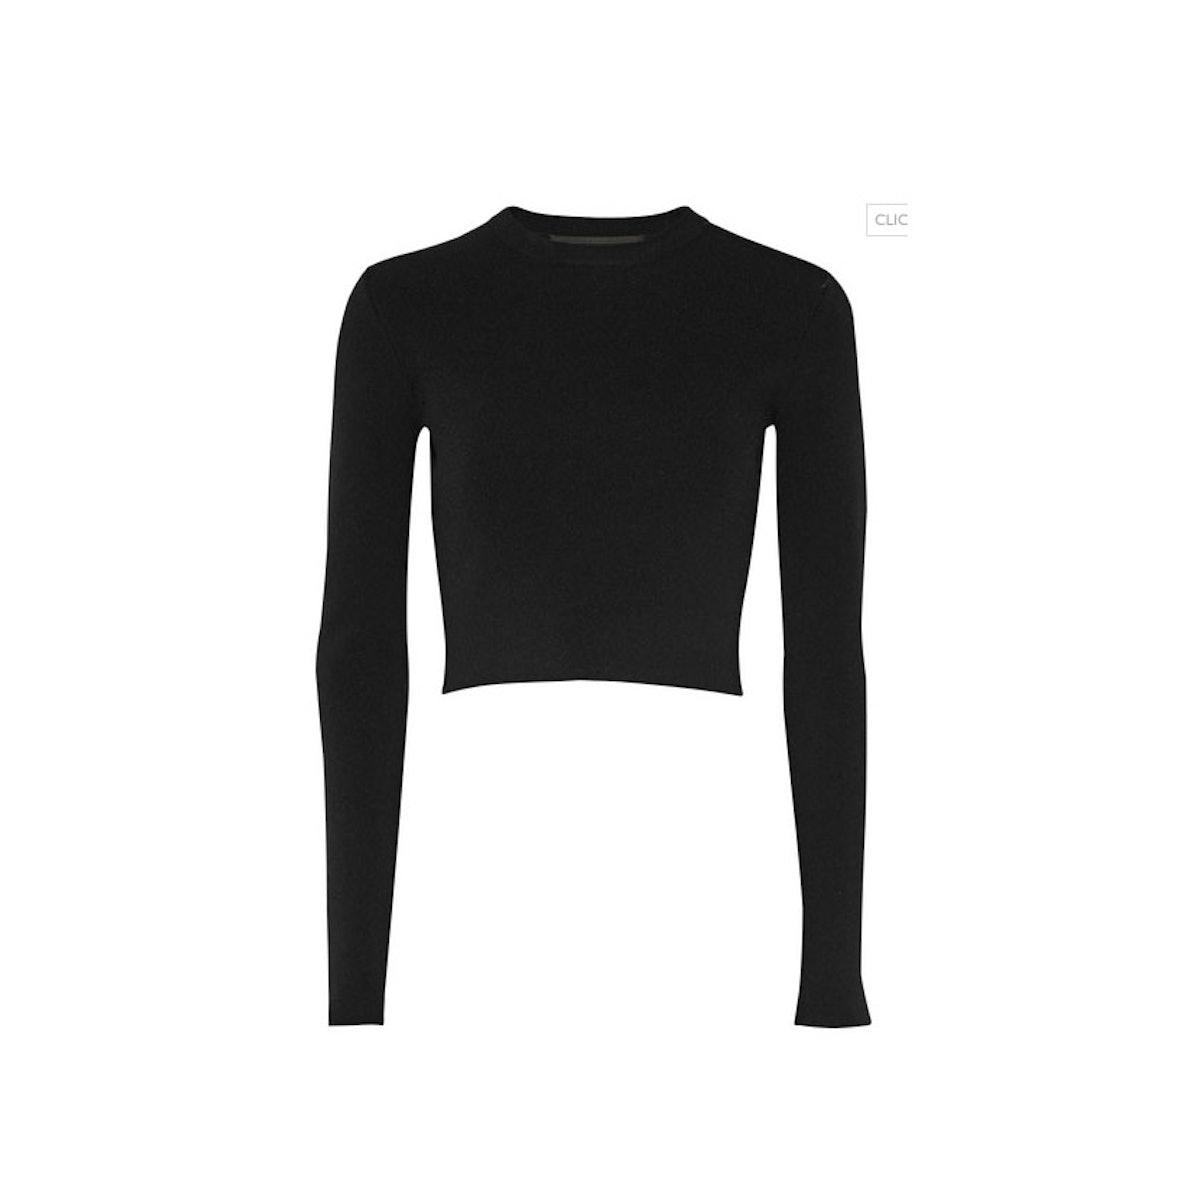 Proenza Schouler cropped stretch-jersey top